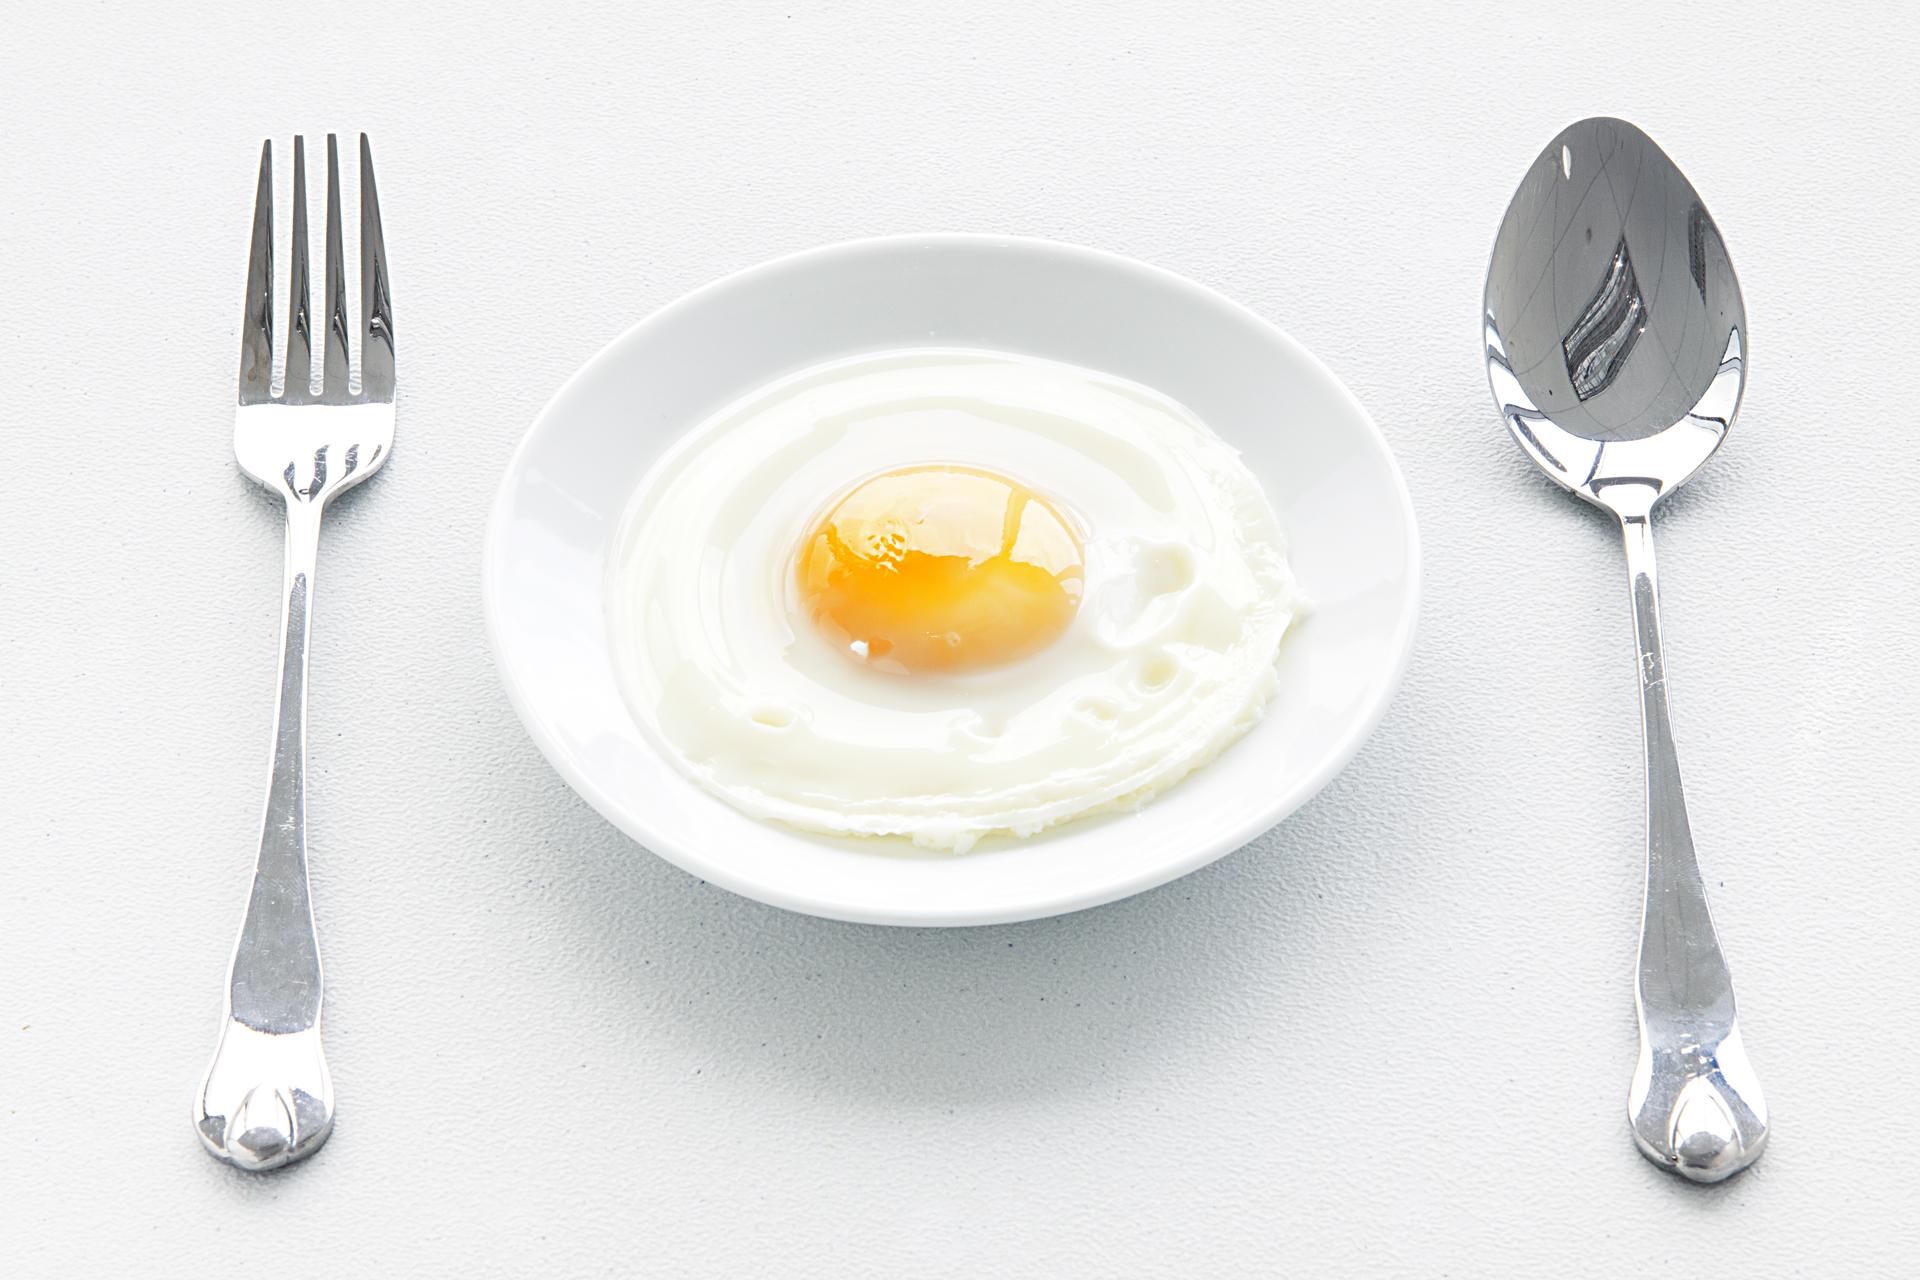 20110811_Eggs_004_web_milhsen.jpg